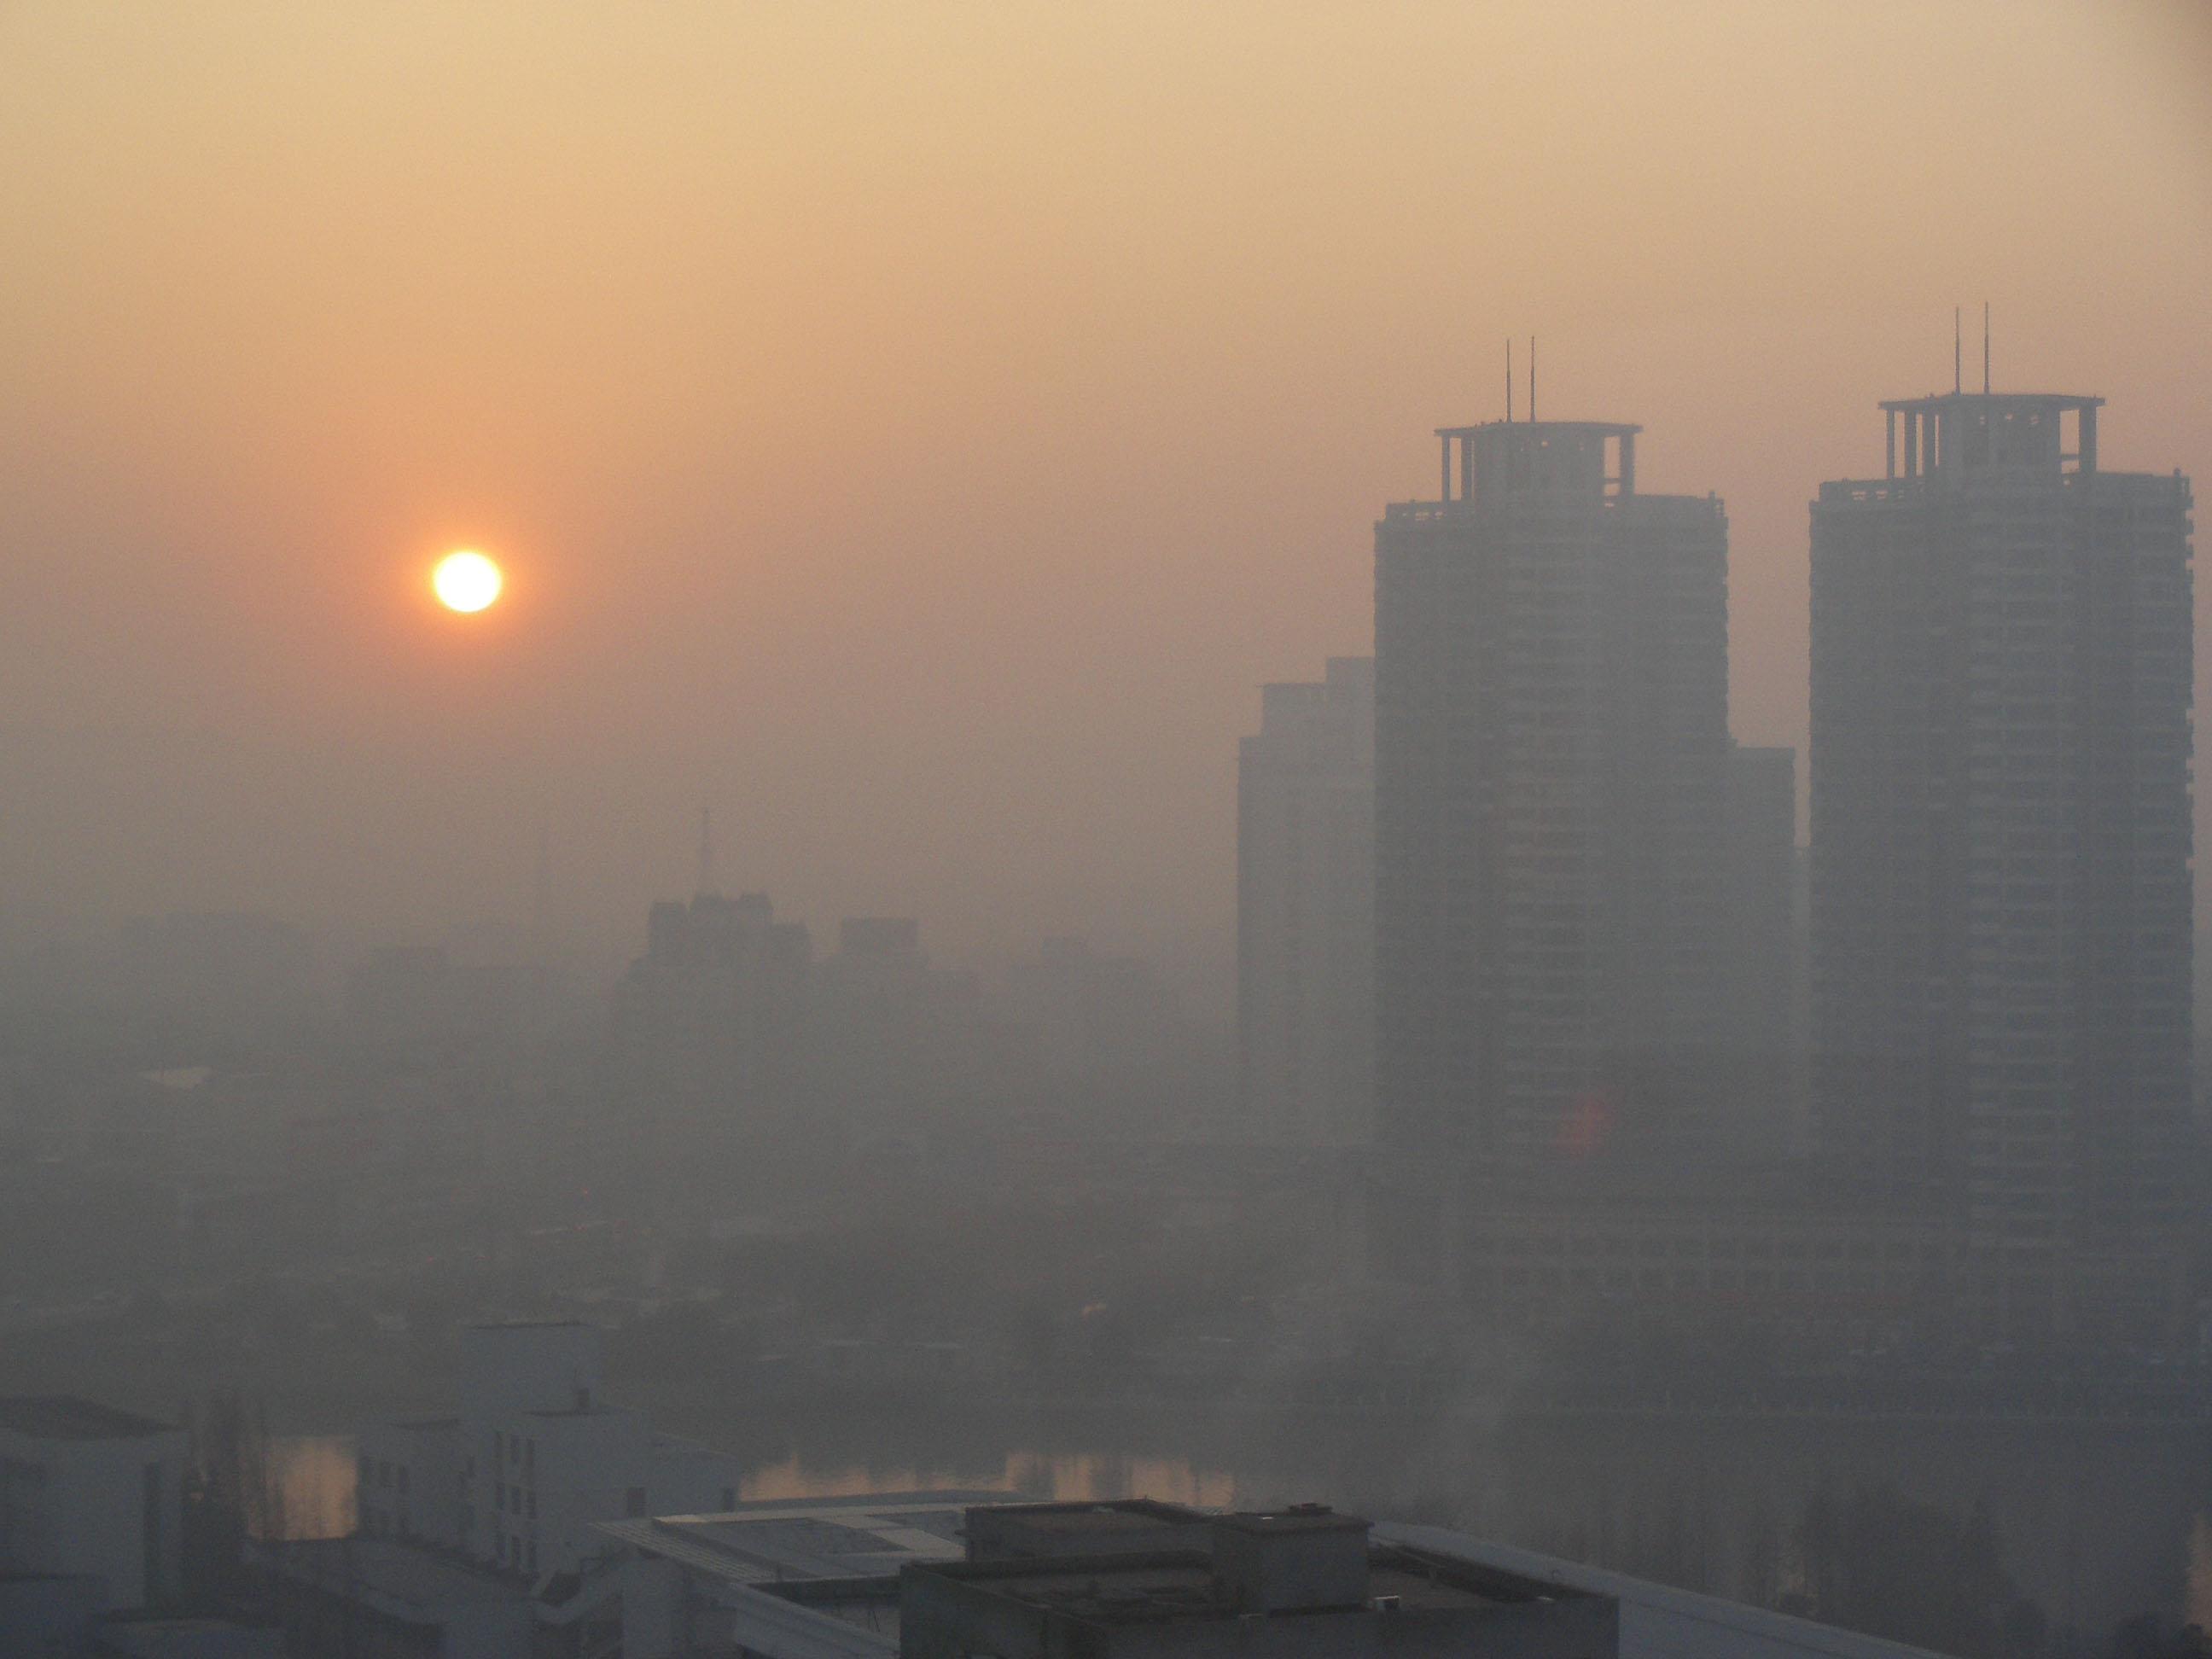 تهران در محاصره آلودگی / محدودیت ترافیکی خودروهای پایتخت